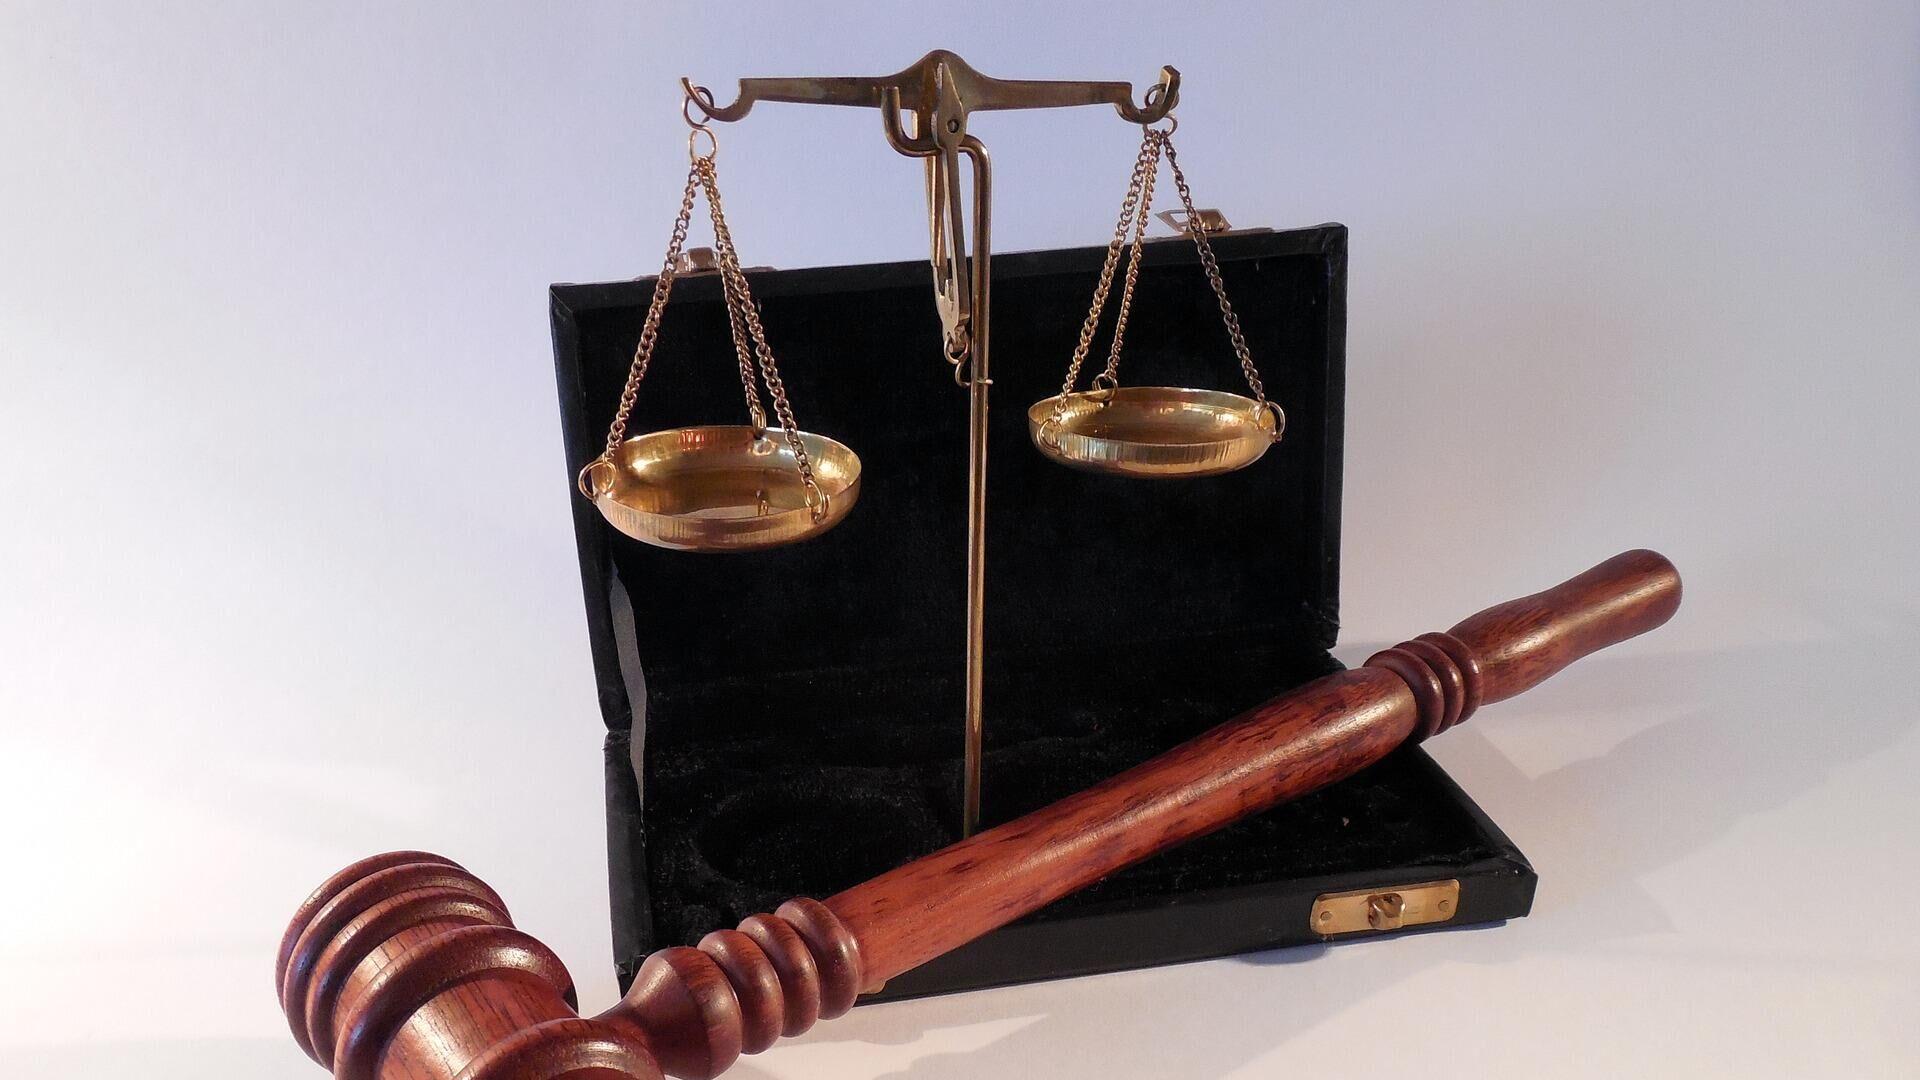 Justiz (Symbolbild) - SNA, 1920, 12.10.2021